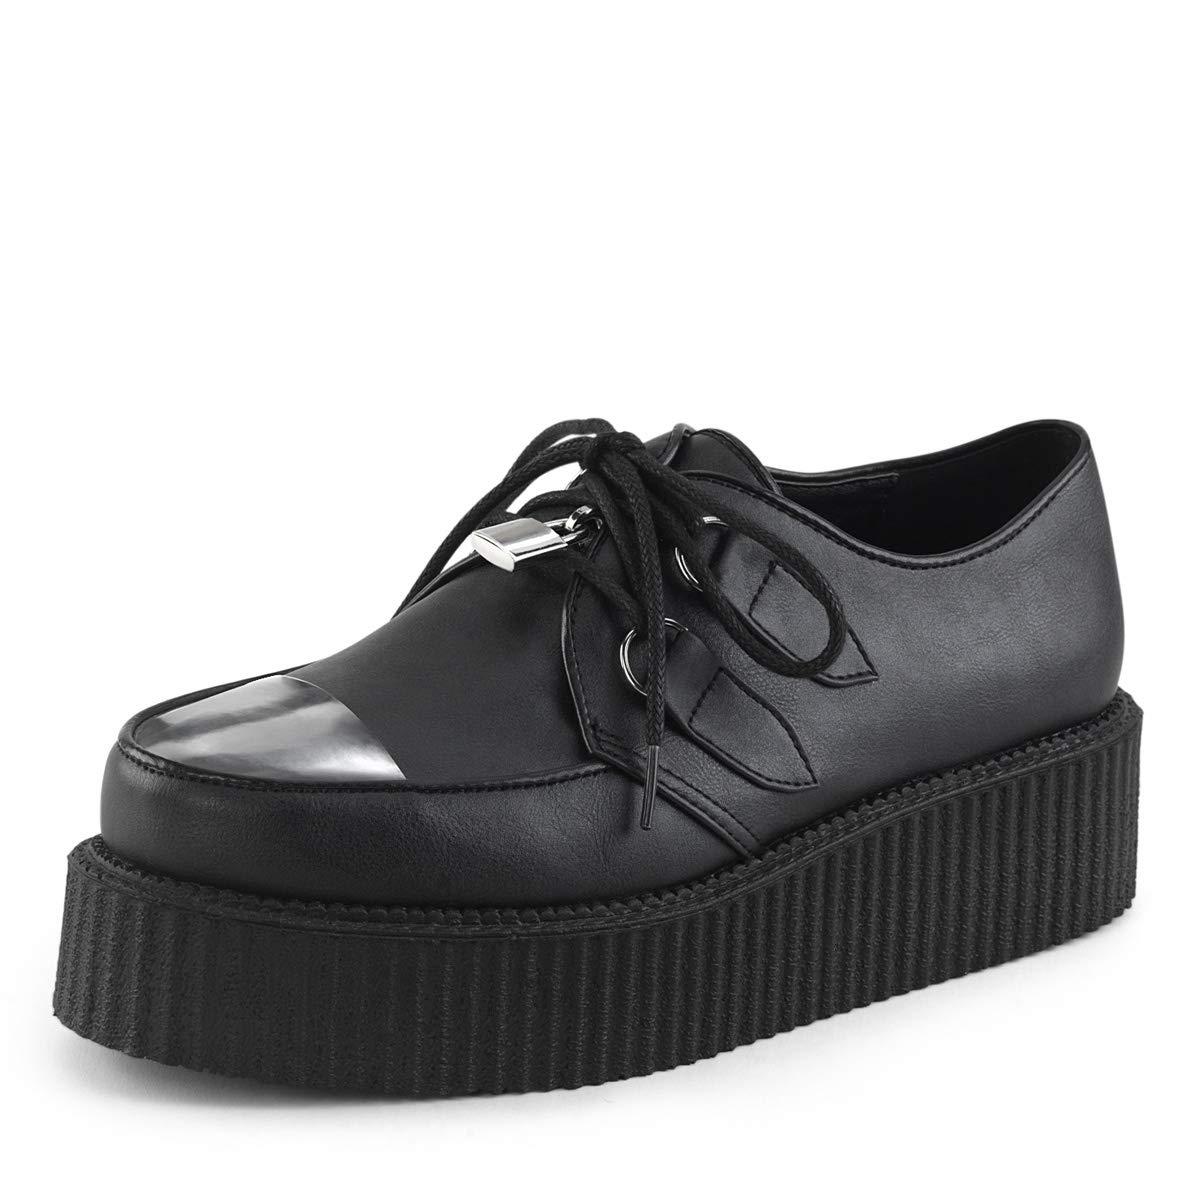 Demonia Mens Oxford Platform Shoes V